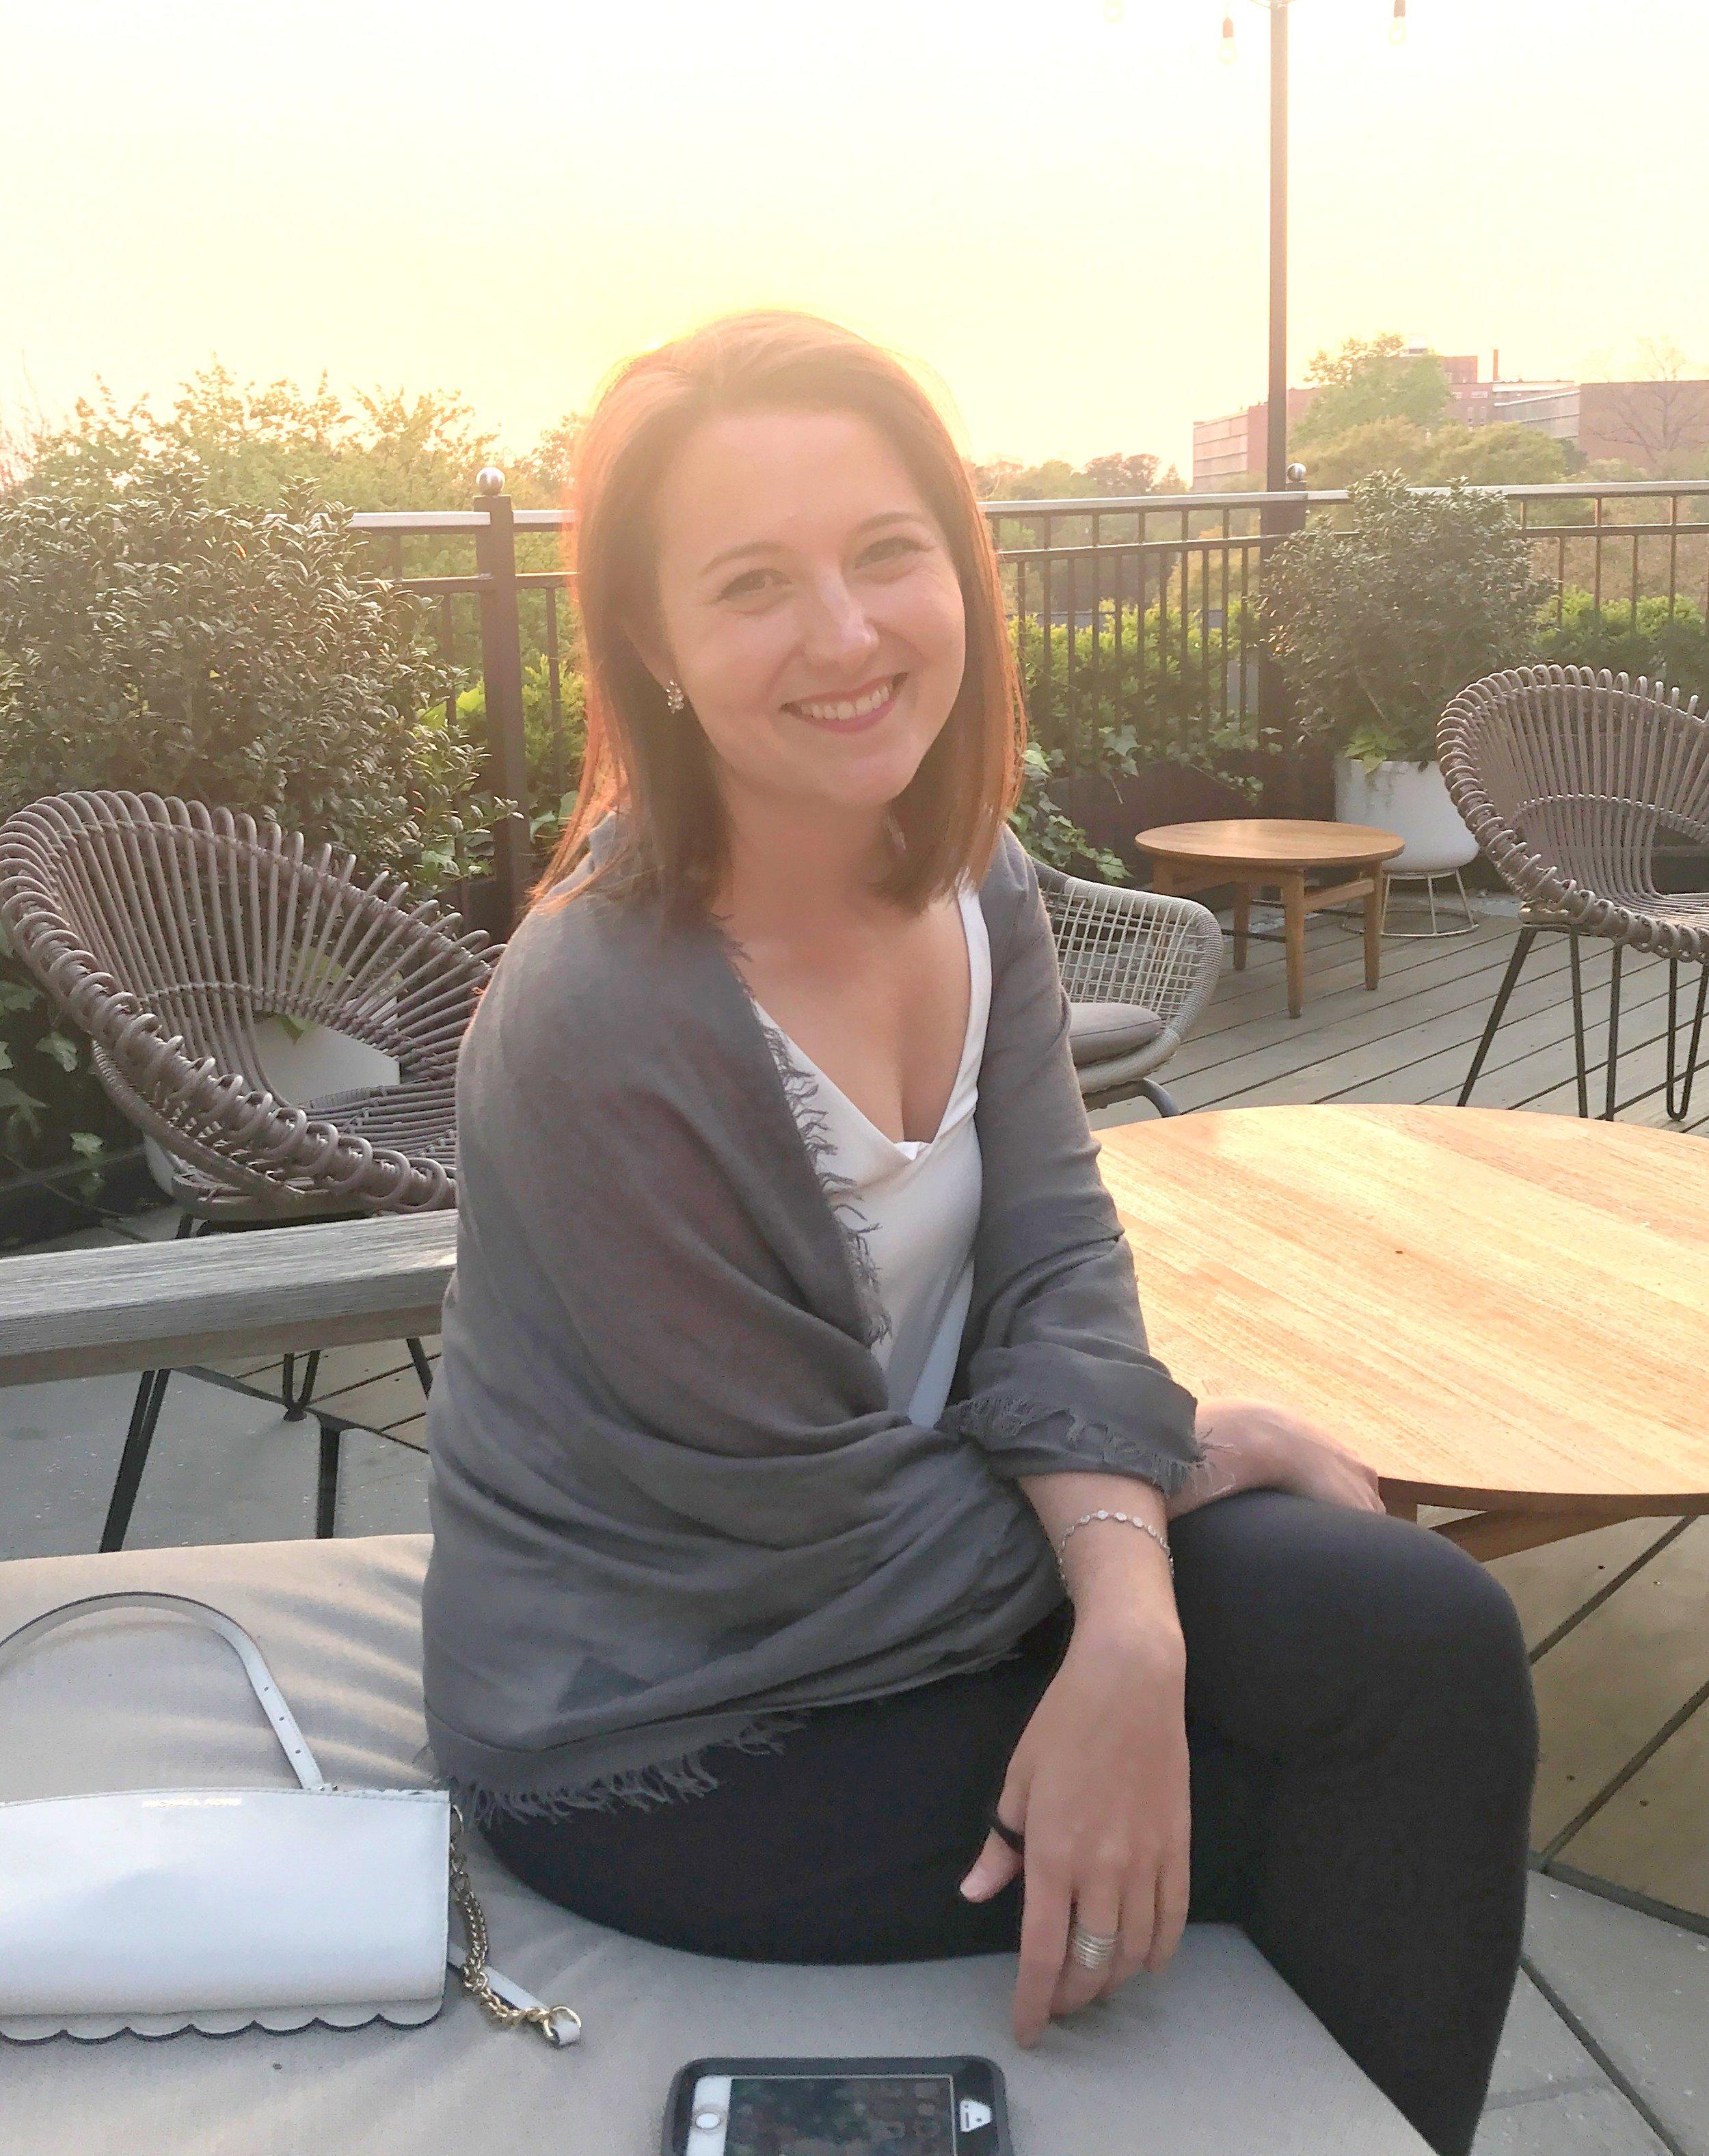 Sarah LaDart Sitting IMG_0446.JPG